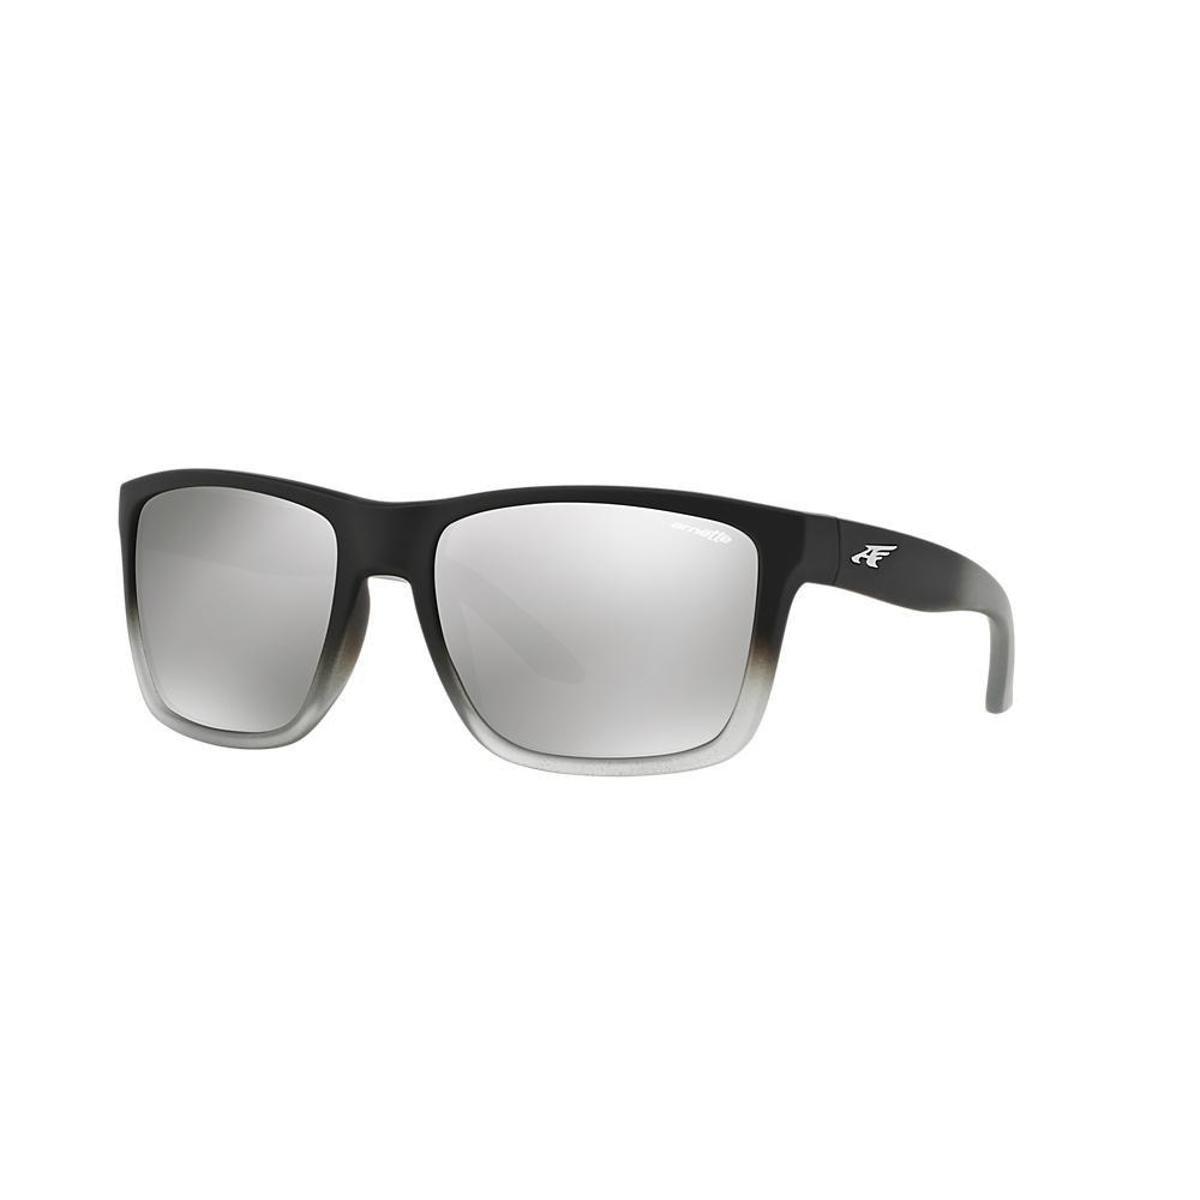 ... Óculos de Sol Arnette Quadrado AN4177 Witch Doctor Masculino ... cb48e7f0ab